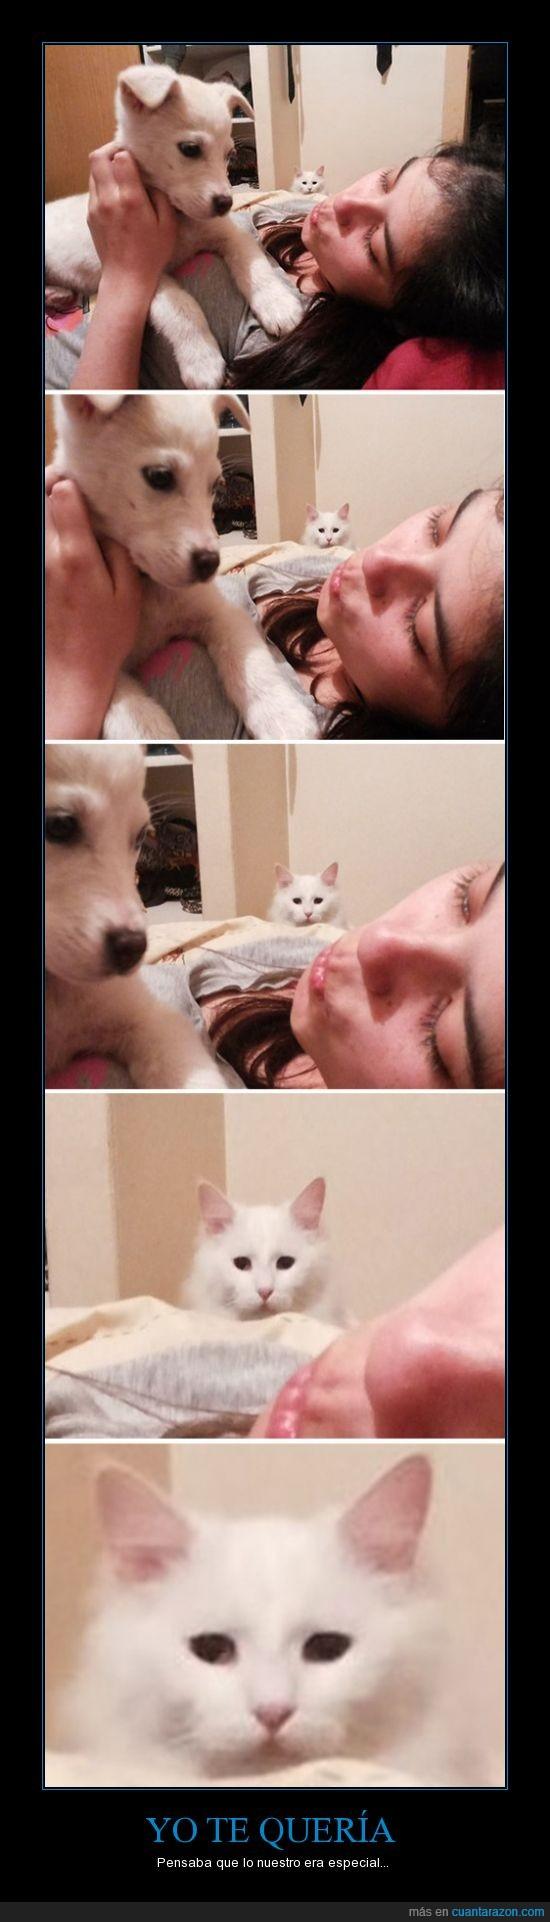 Gato,humano,mirar,perro,triste